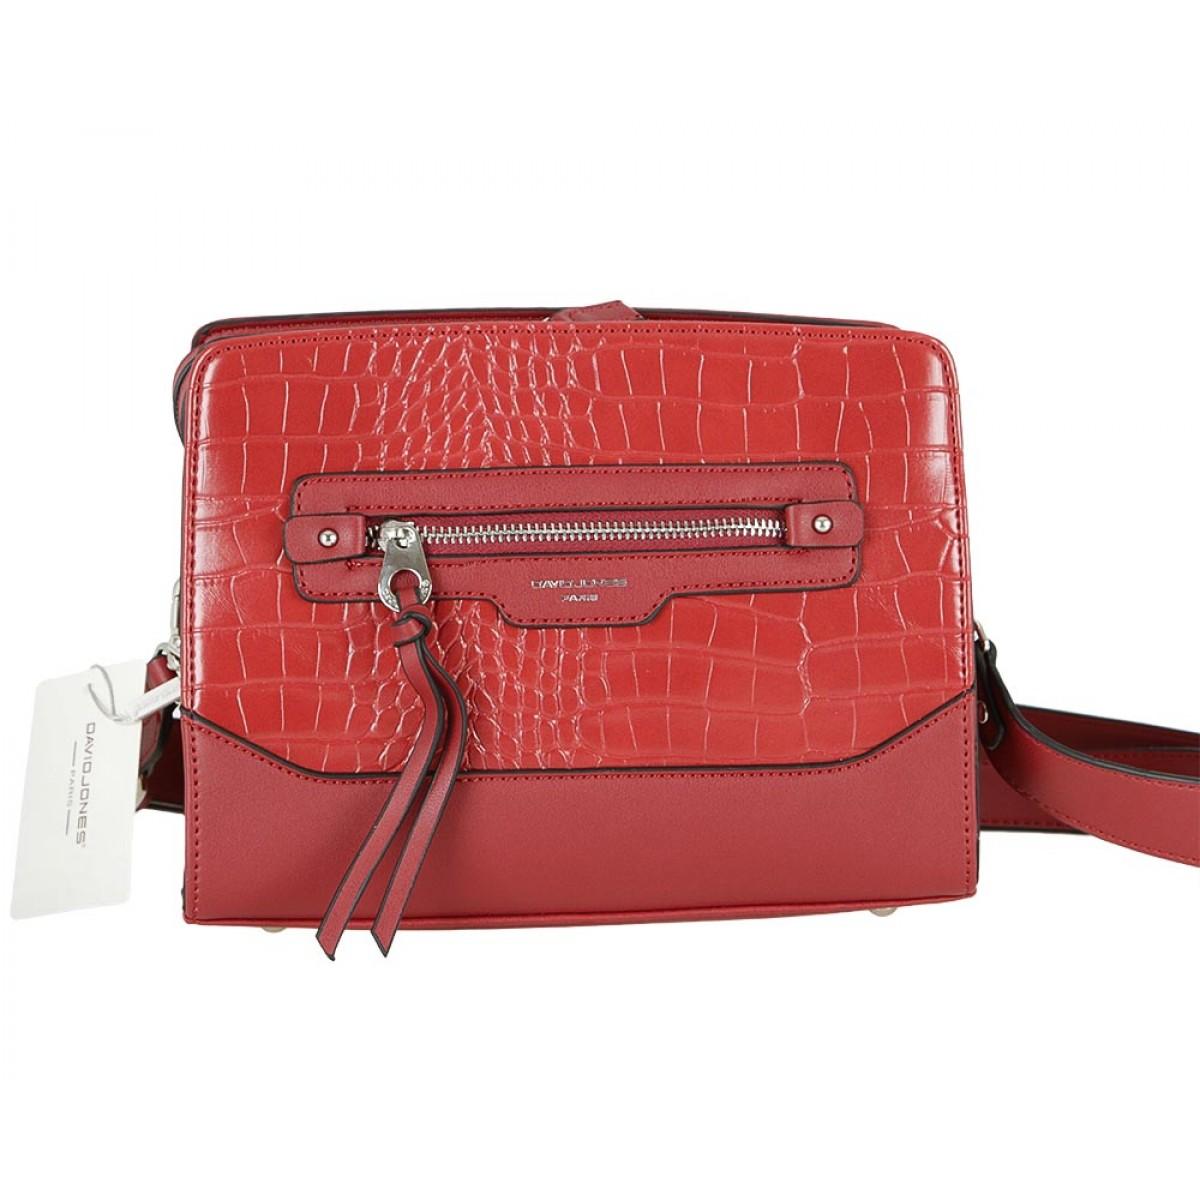 Жіноча сумка David Jones 6108-1 BORDEAUX